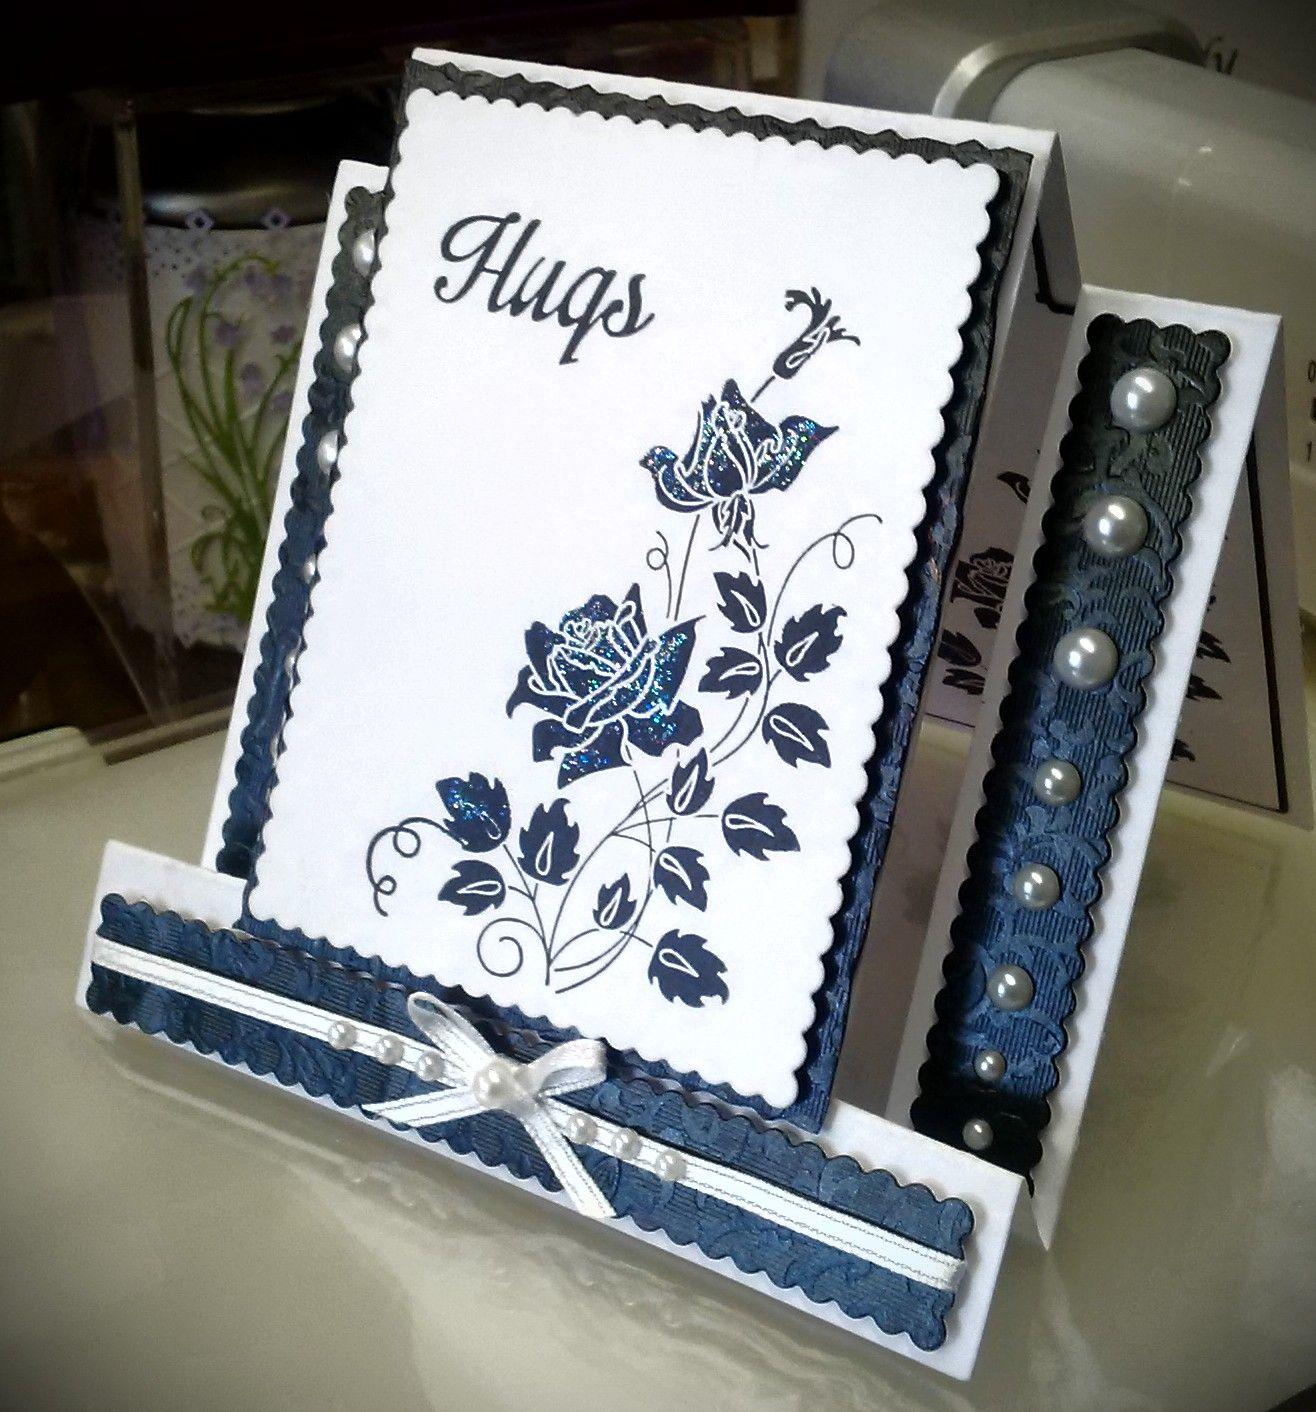 Как сделать открытки раскладушку, сторона открытки